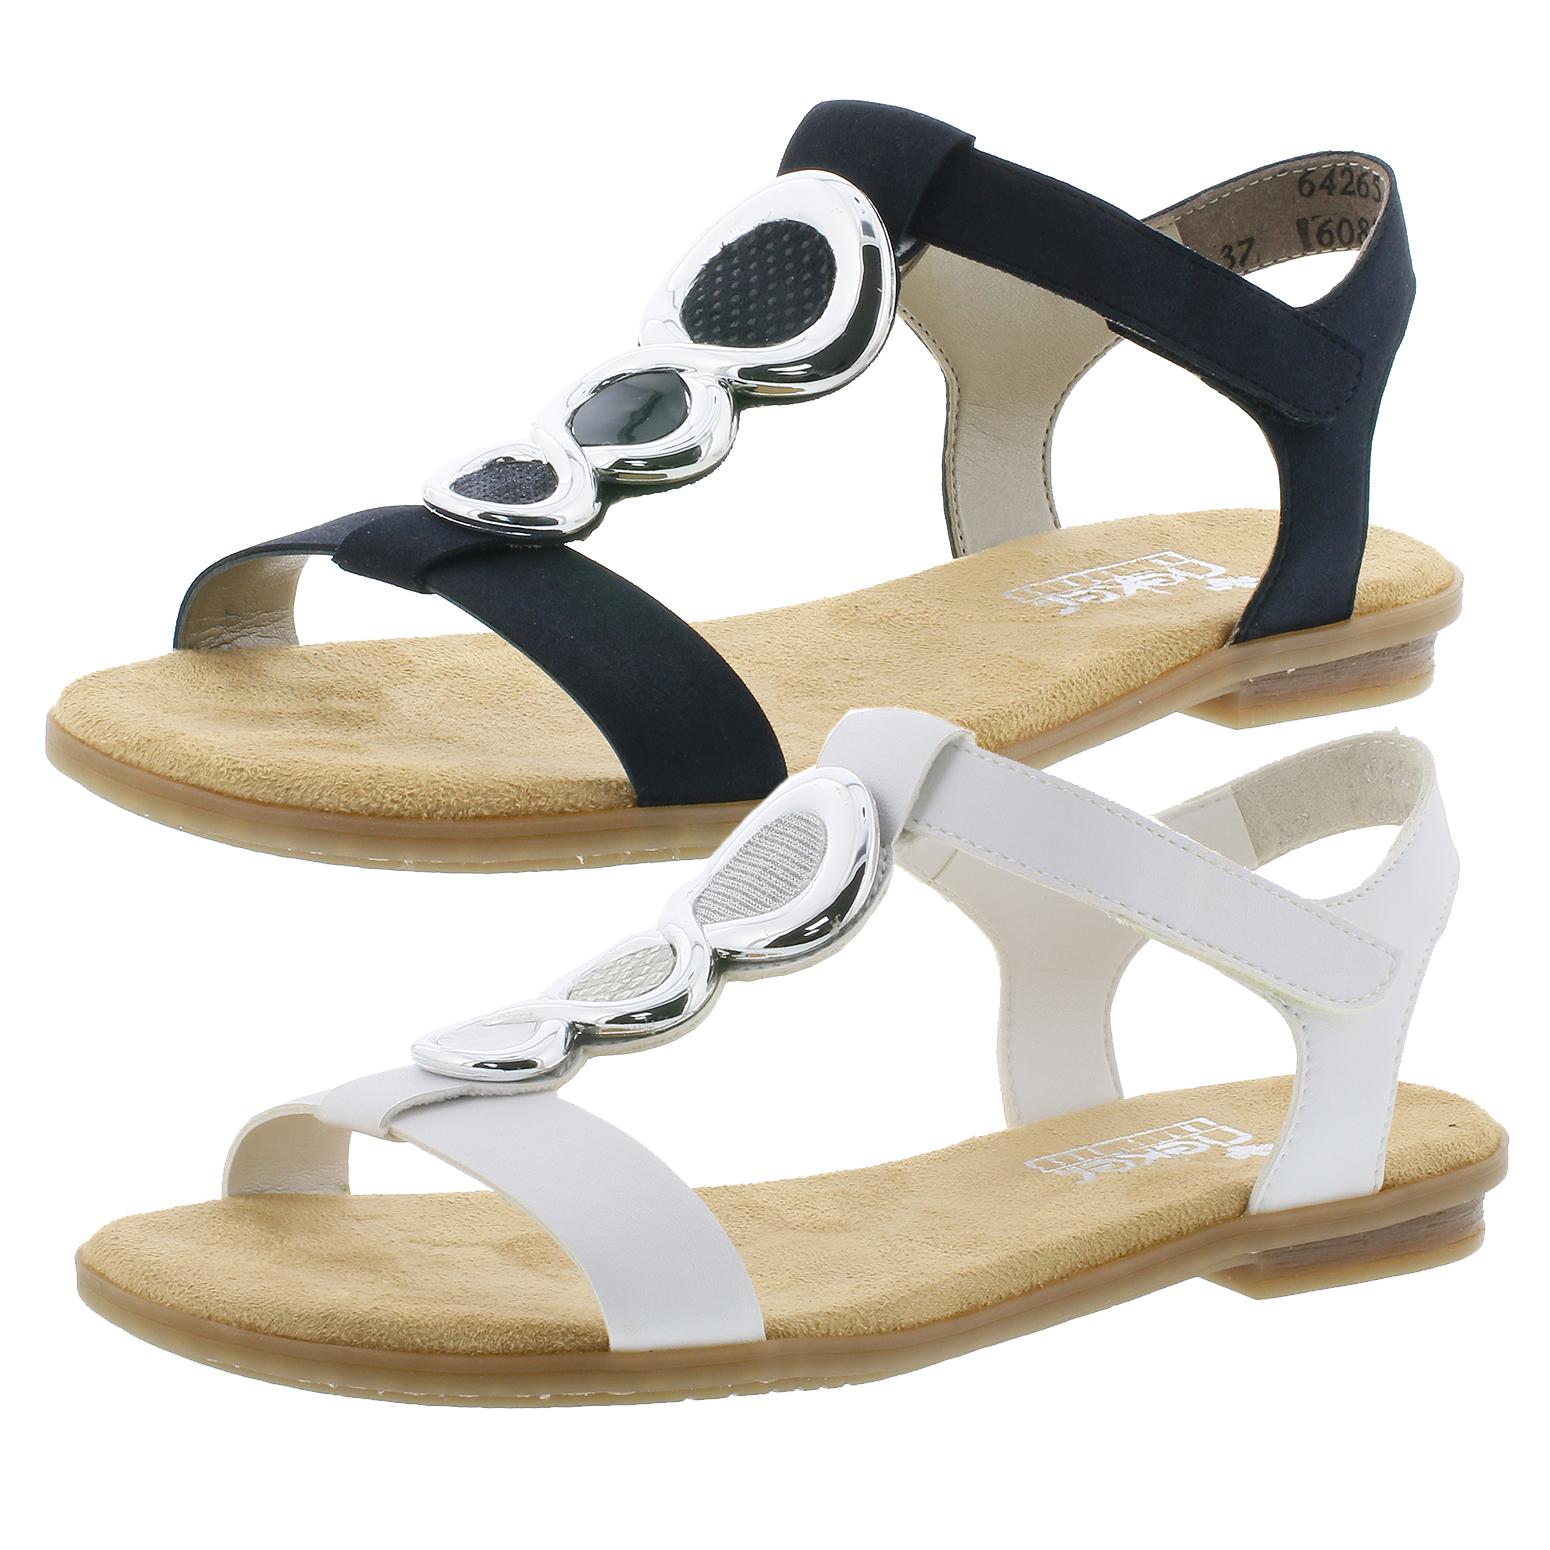 Rieker 64265 Schuhe Damen Sandaletten Sandalen TBJg2